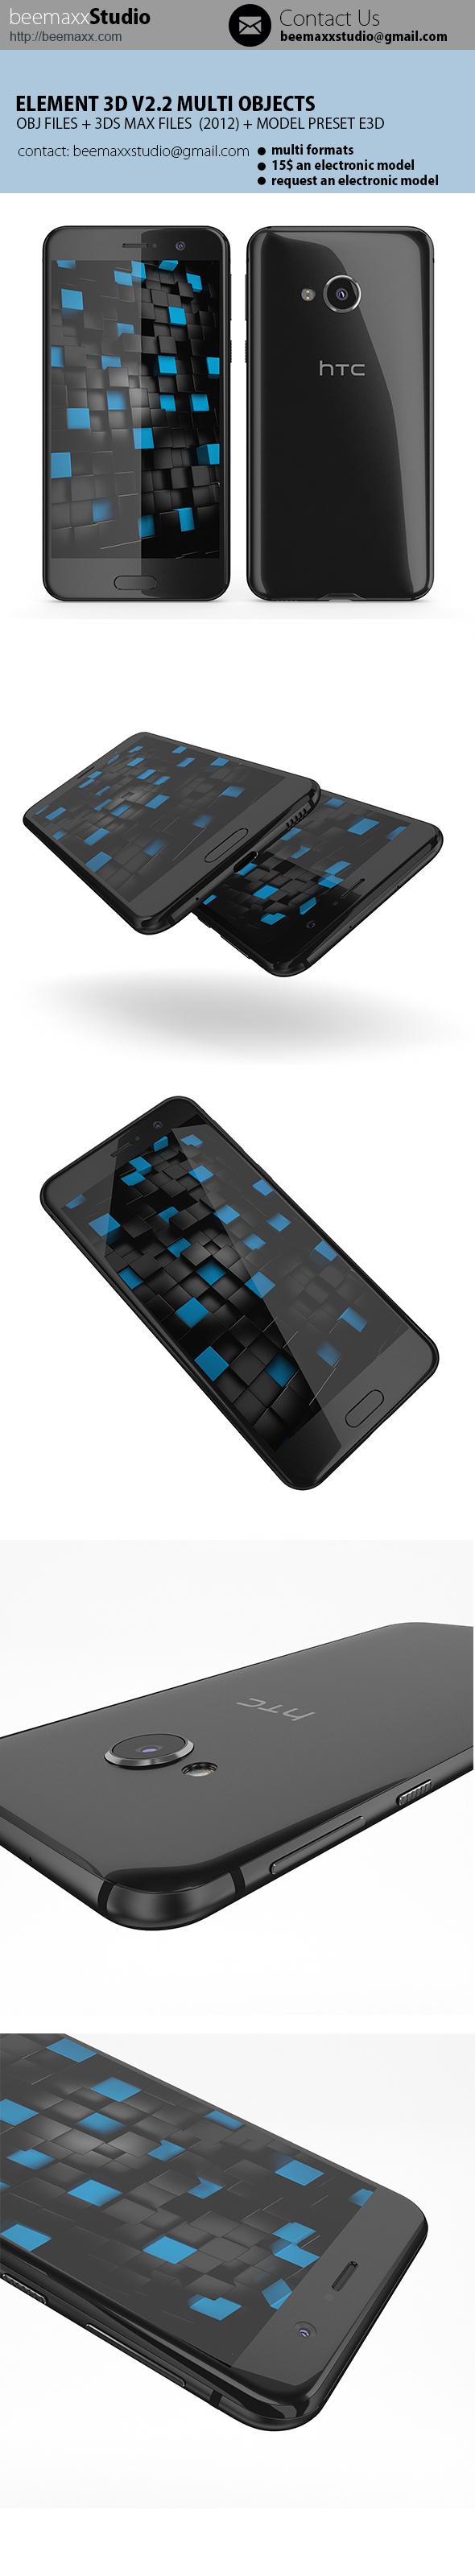 E3D V2.2 - HTC U Ultra - 3DOcean Item for Sale